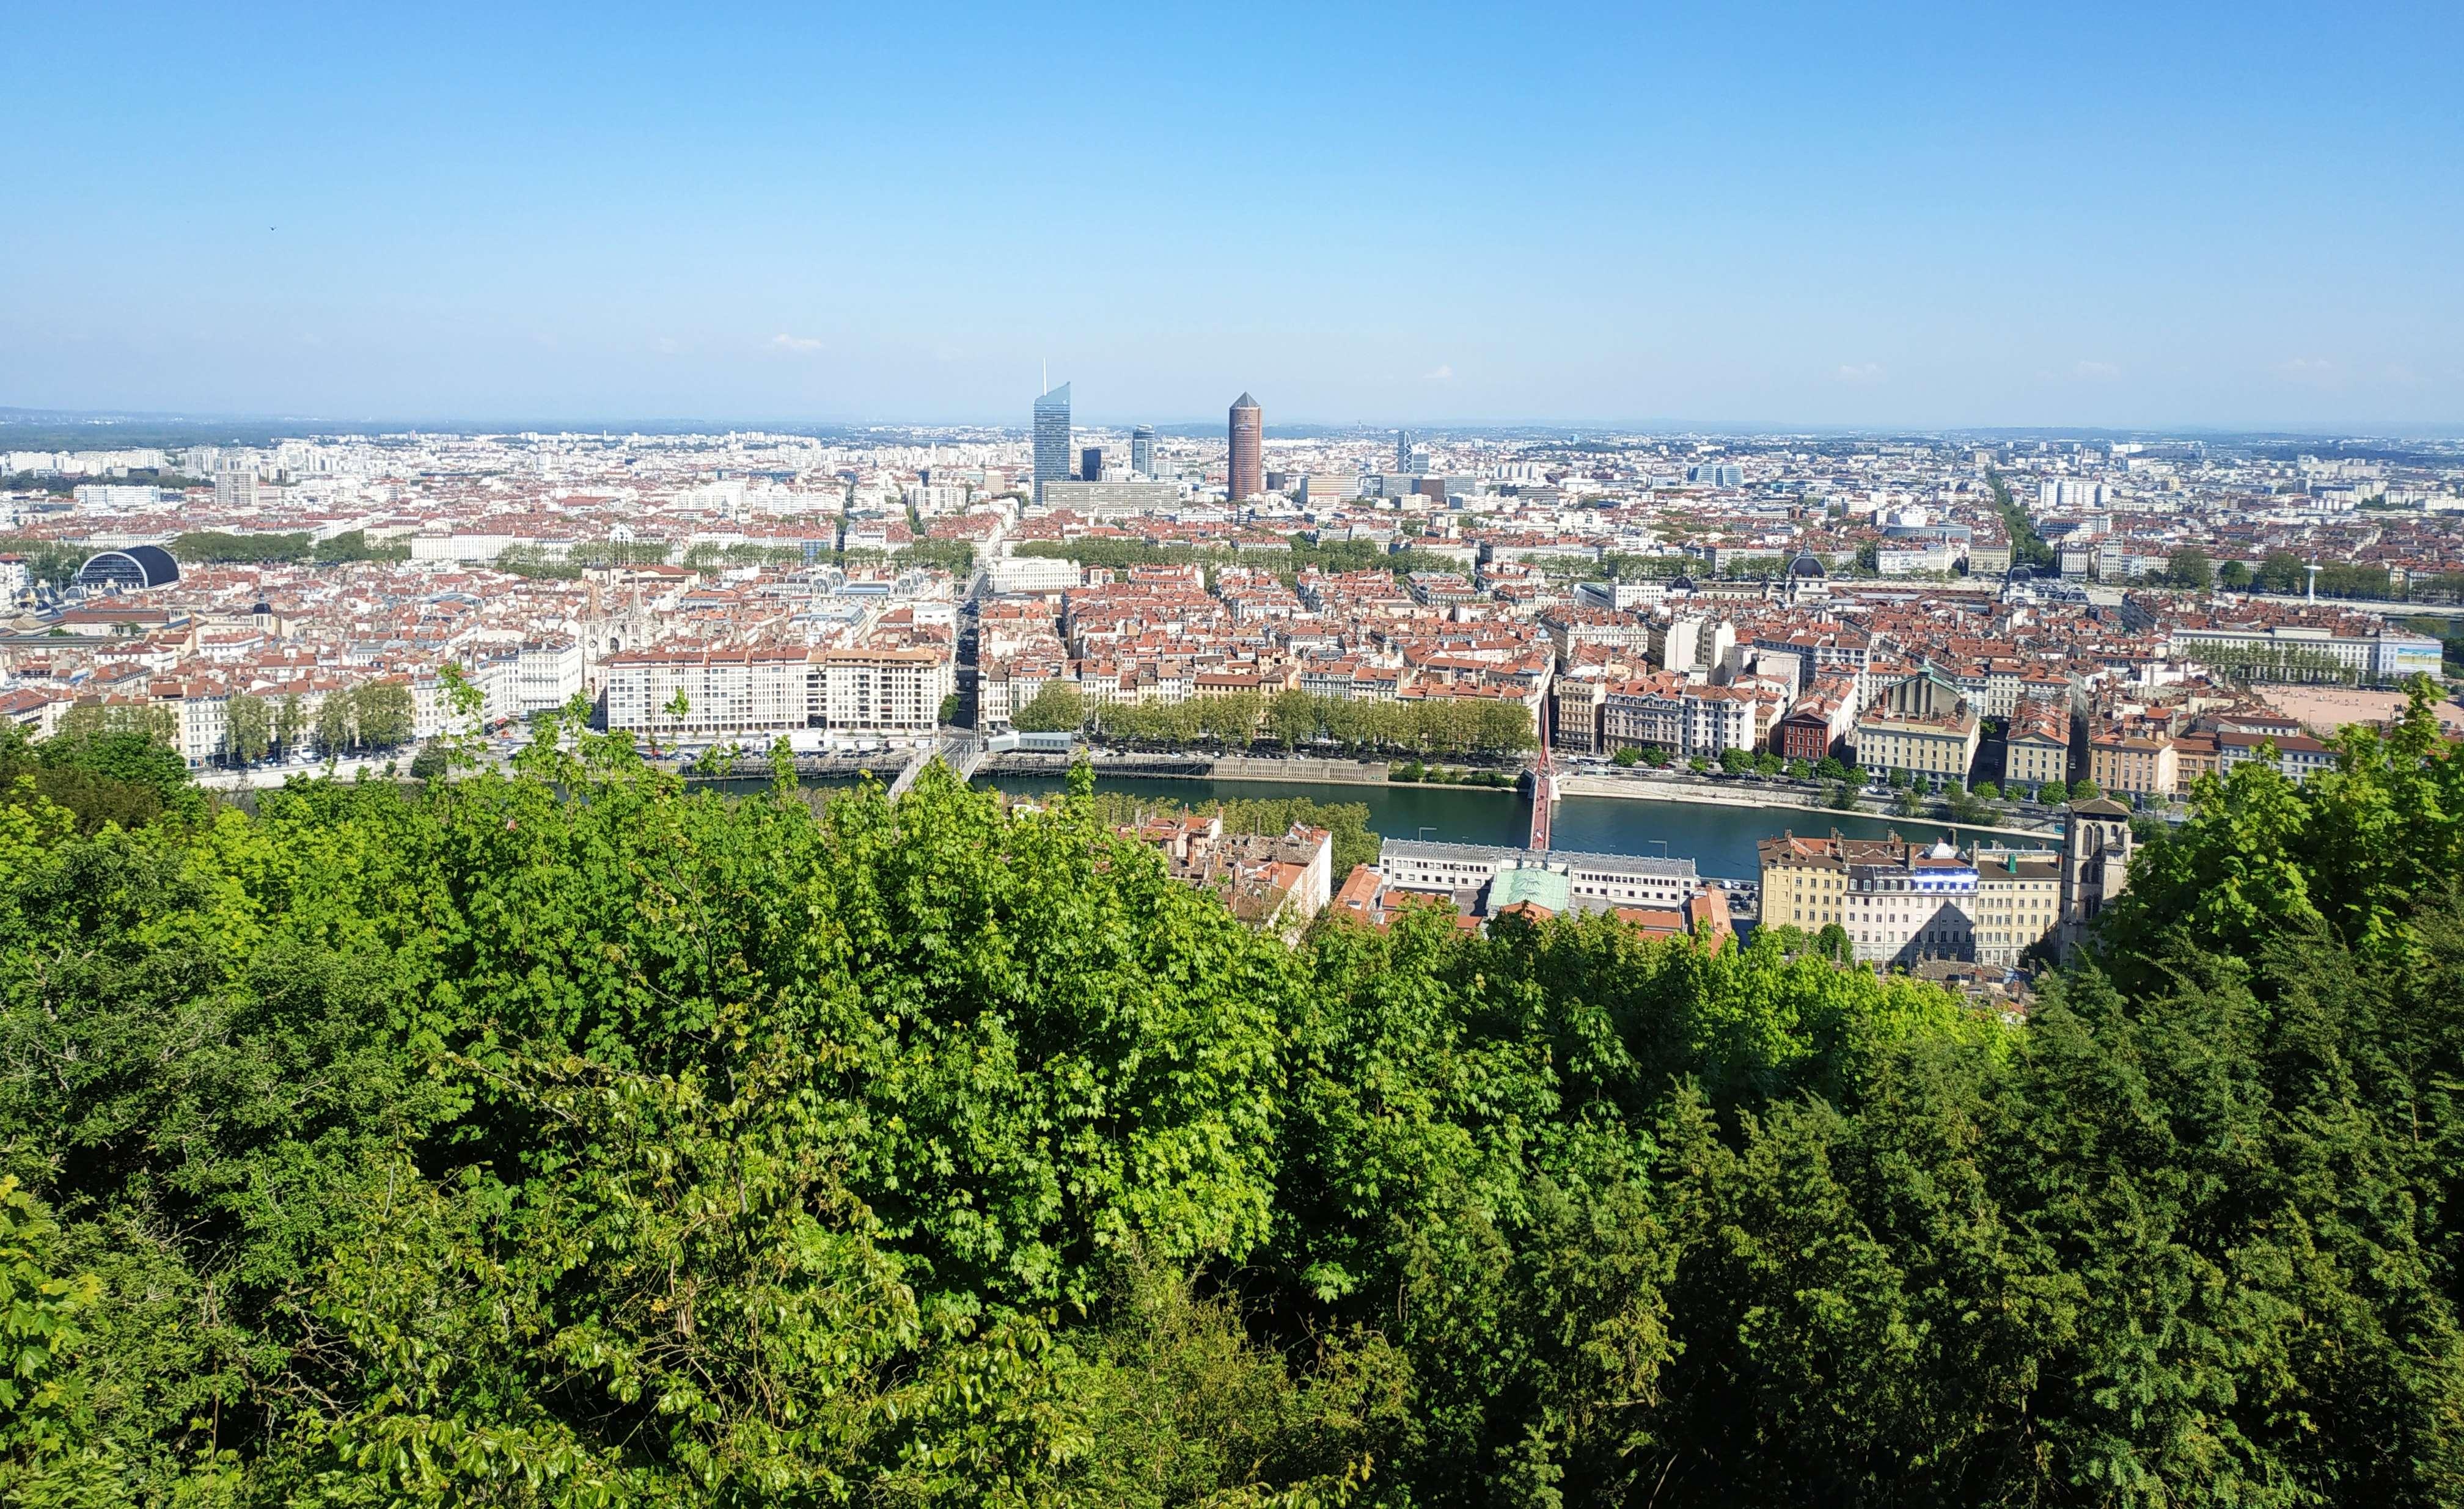 Lyon - Fourvière (QUEST IN TEST MODE) image